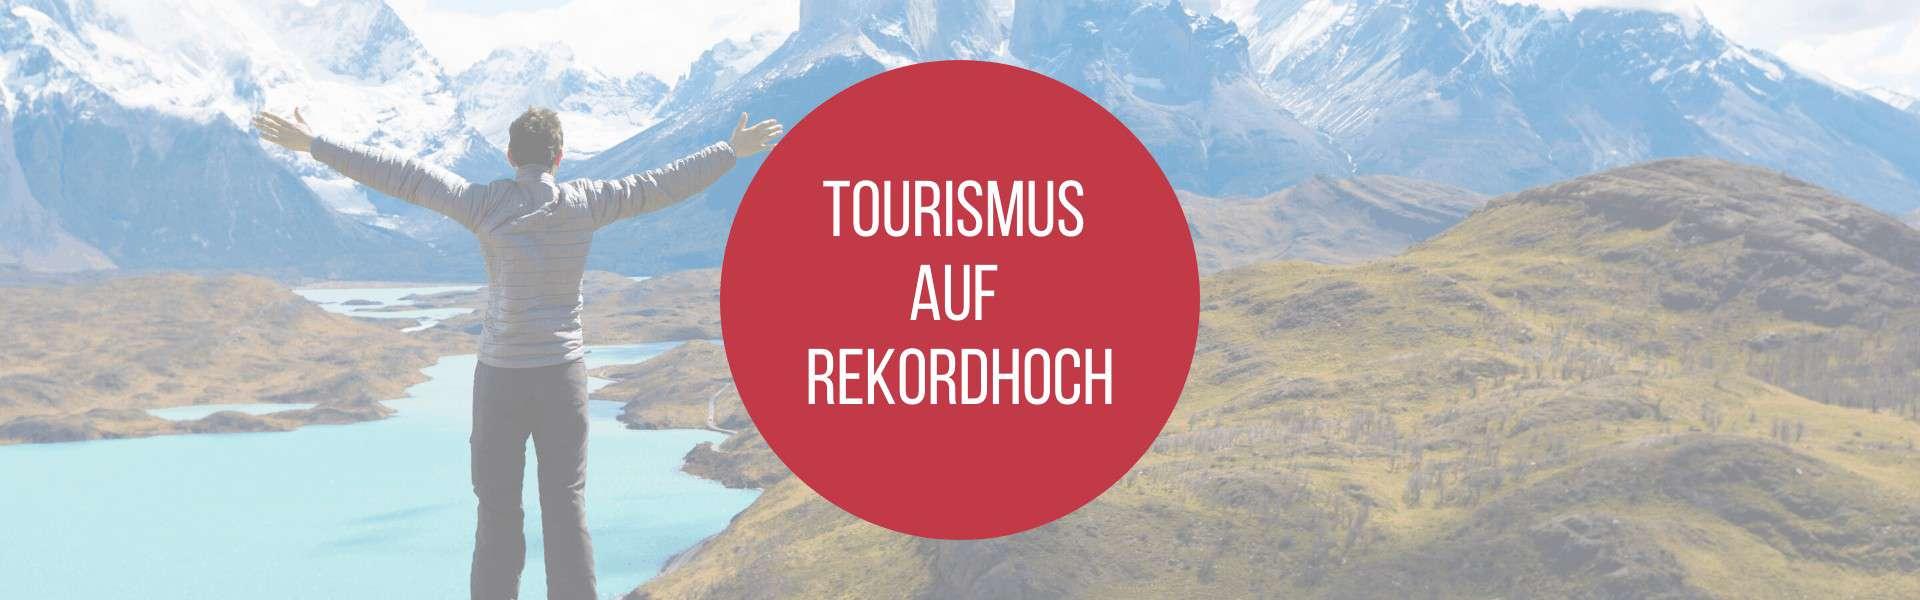 Tourismus, Tourismus auf Rekordhoch